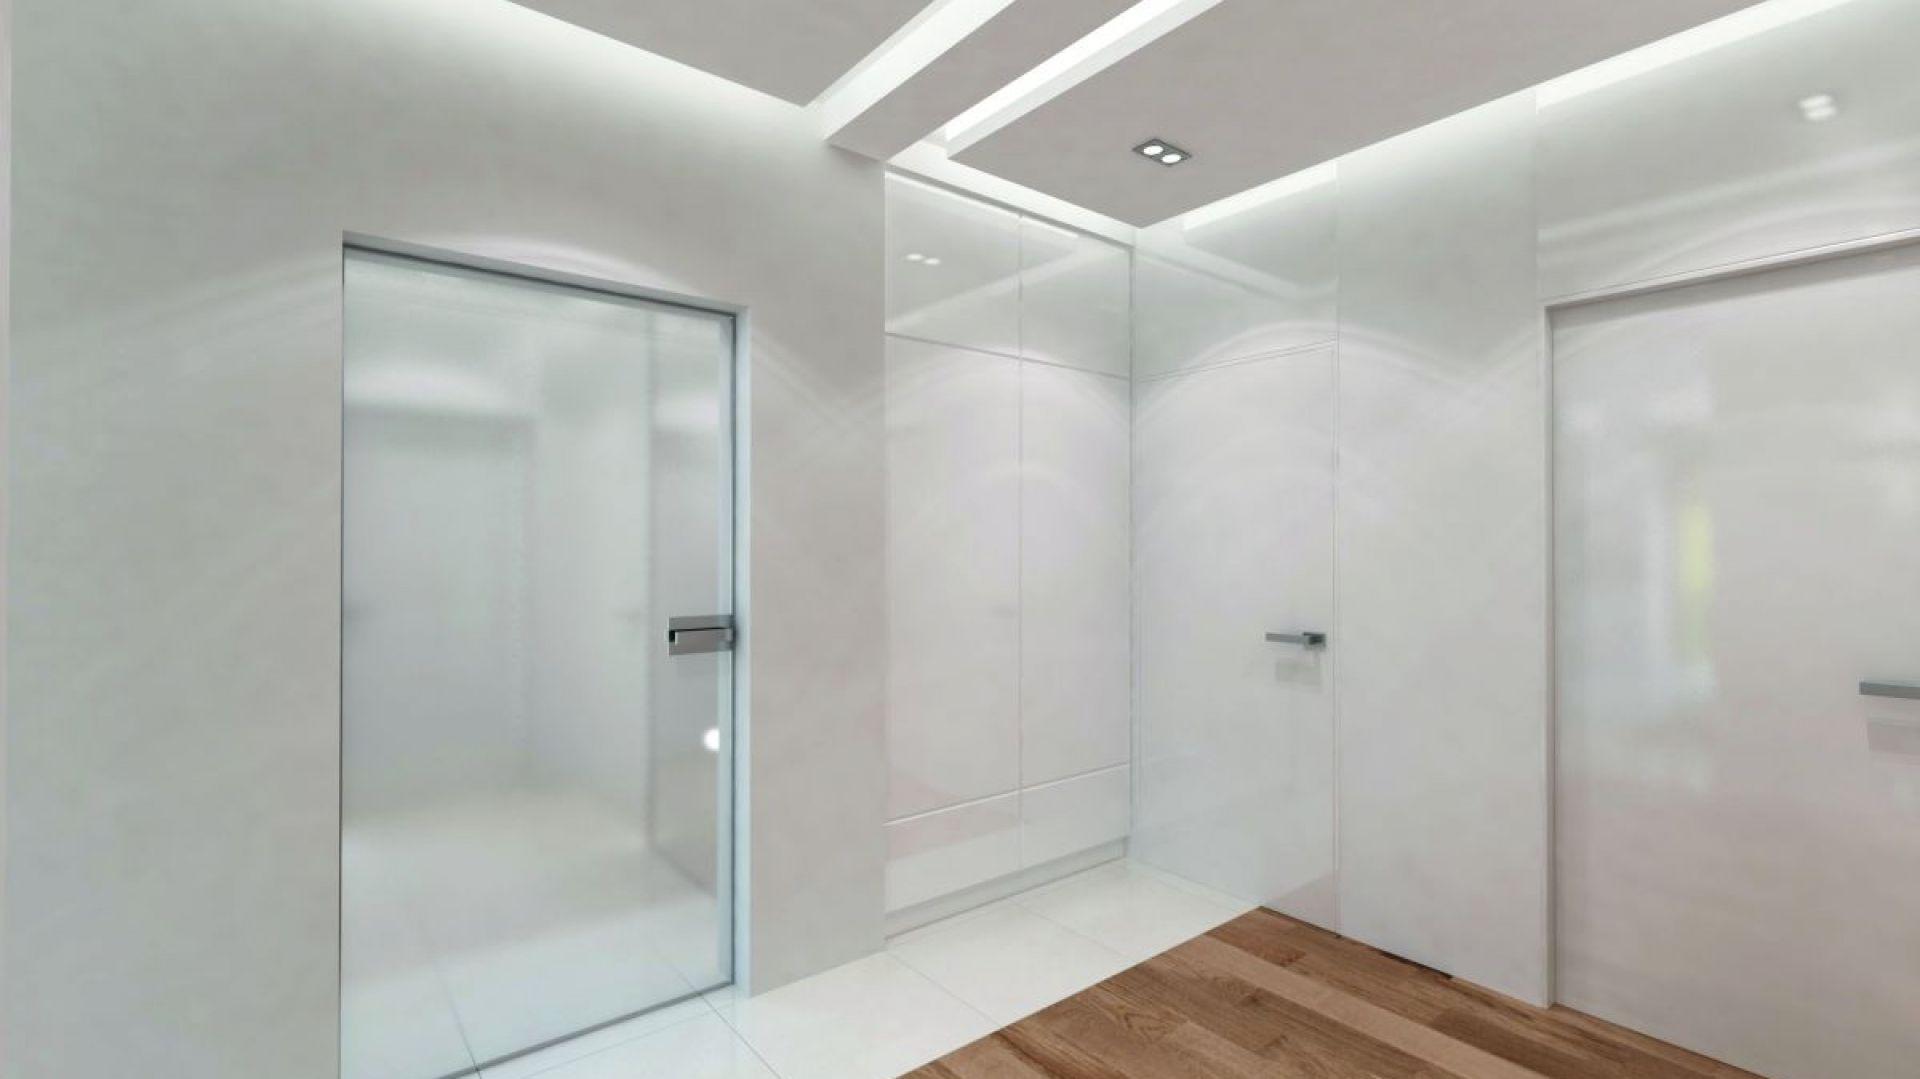 Szklane transparentne drzwi nadają przestrzeni lekkości. Fot. Biuro Projektów MTM Styl